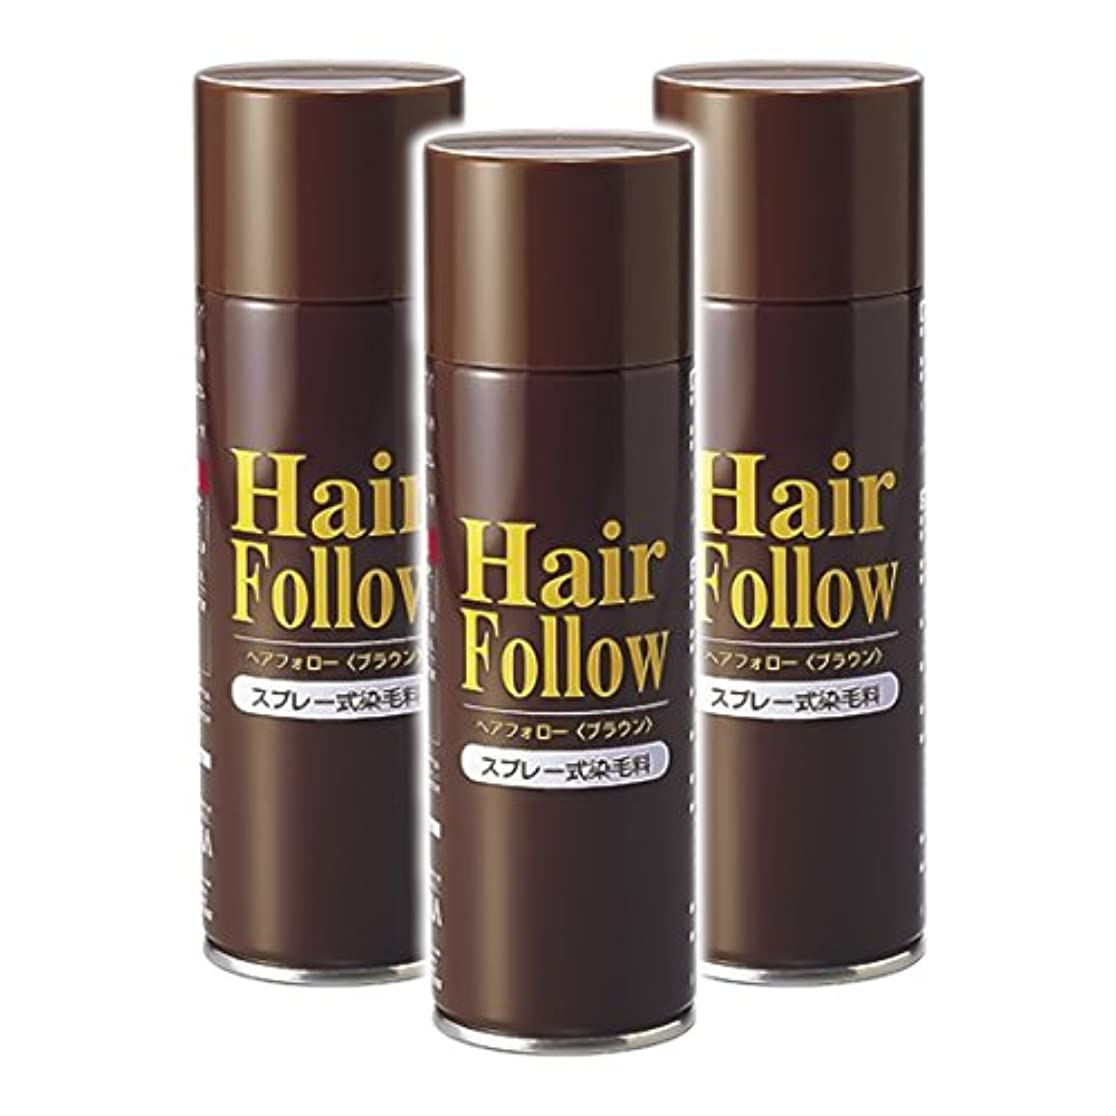 ソフトウェア定義する急襲薄毛スプレー 3本セット ヘアフォロー HairFollow ブラウン 150g